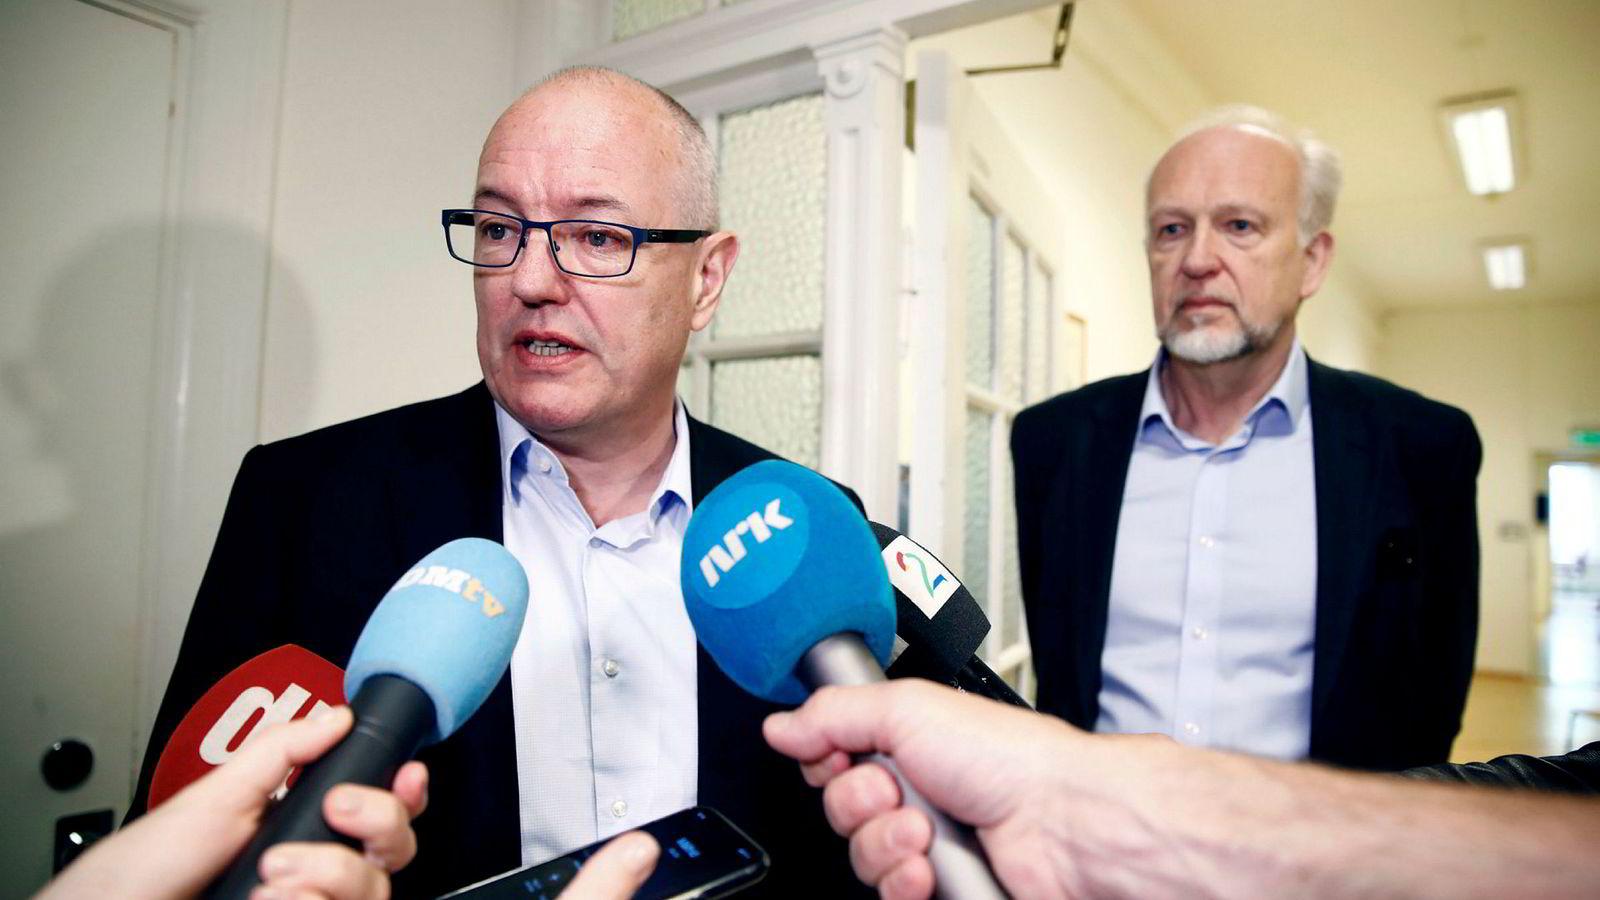 Styreleder ved Oslo universitetssykehus Gunnar Bovim kunngjorde mandag at Bjørn Erikstein trekker seg som øverste leder for OUS. Det skjedde etter et ekstraordinært styremøte om mistillit til Erikstein fra 16 fagorganisasjoner.